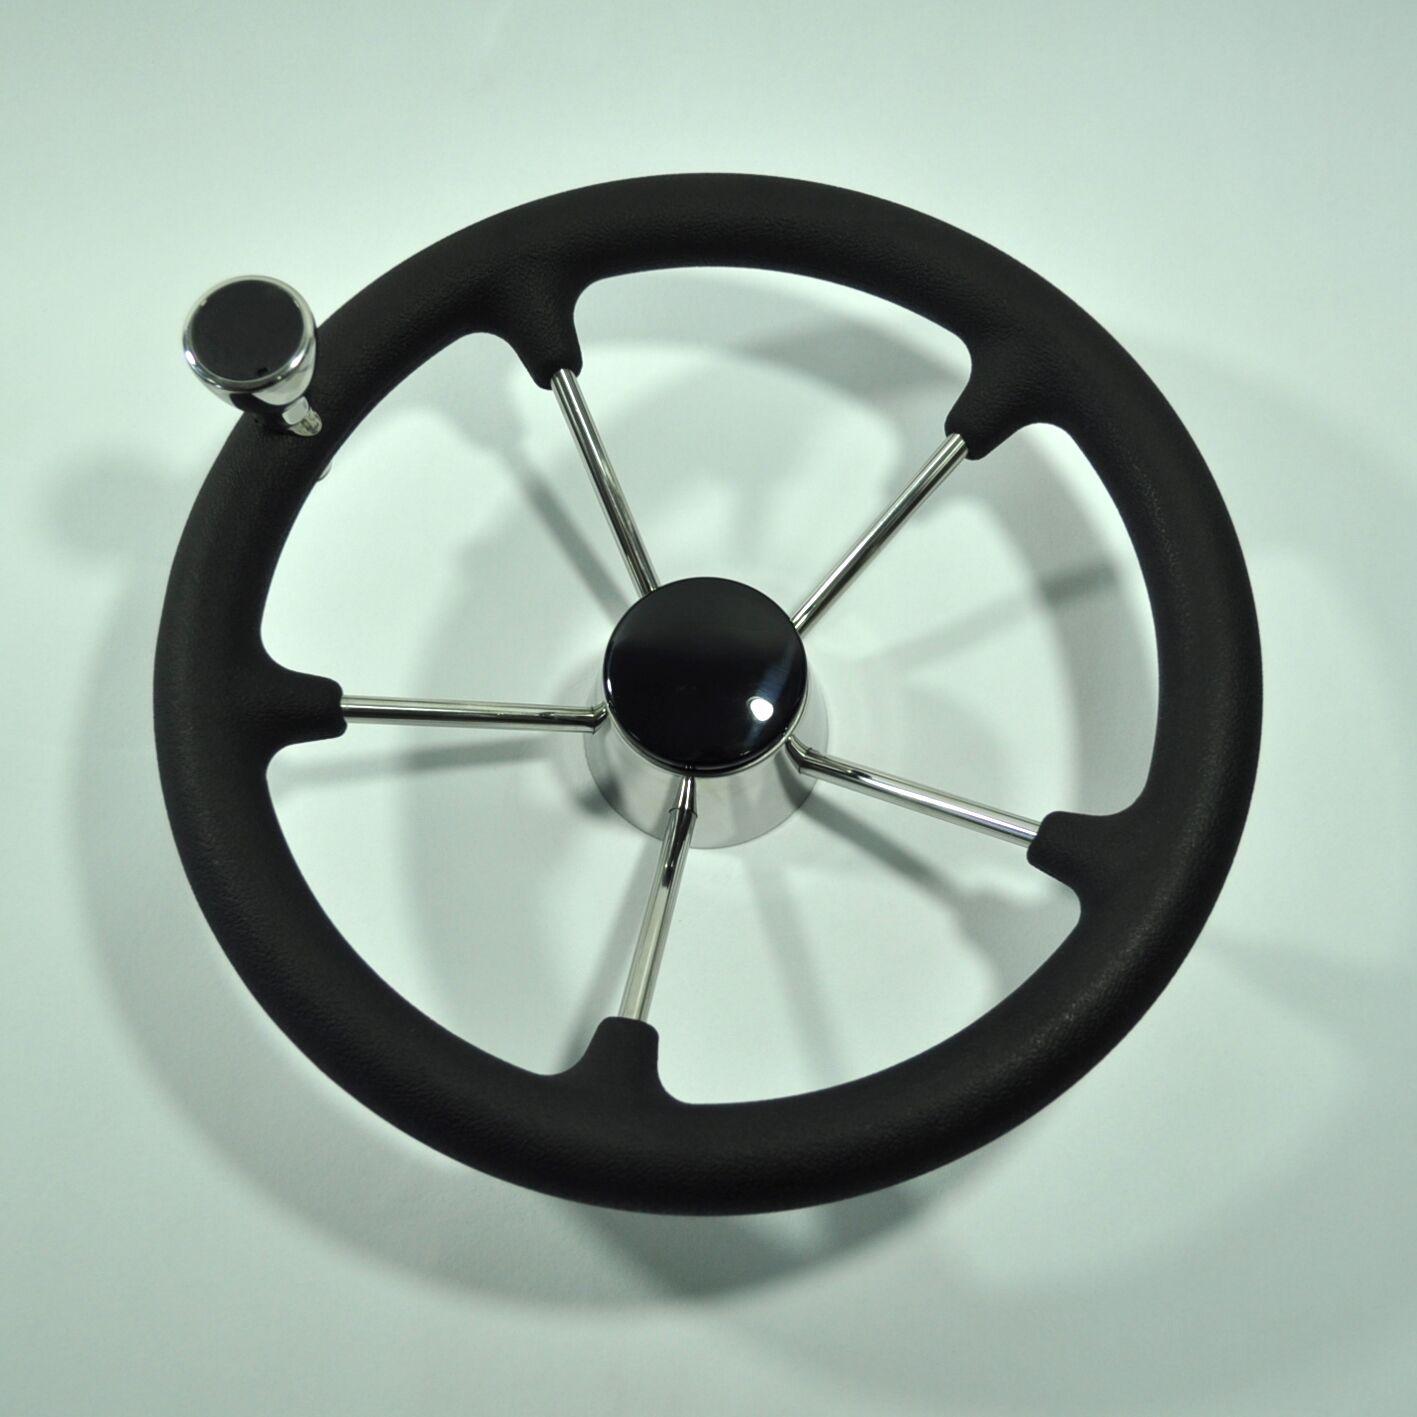 13-1/2 Inch 5 Spoke Destroyer Boat Steering Wheel with Black Foam Grip& Knob